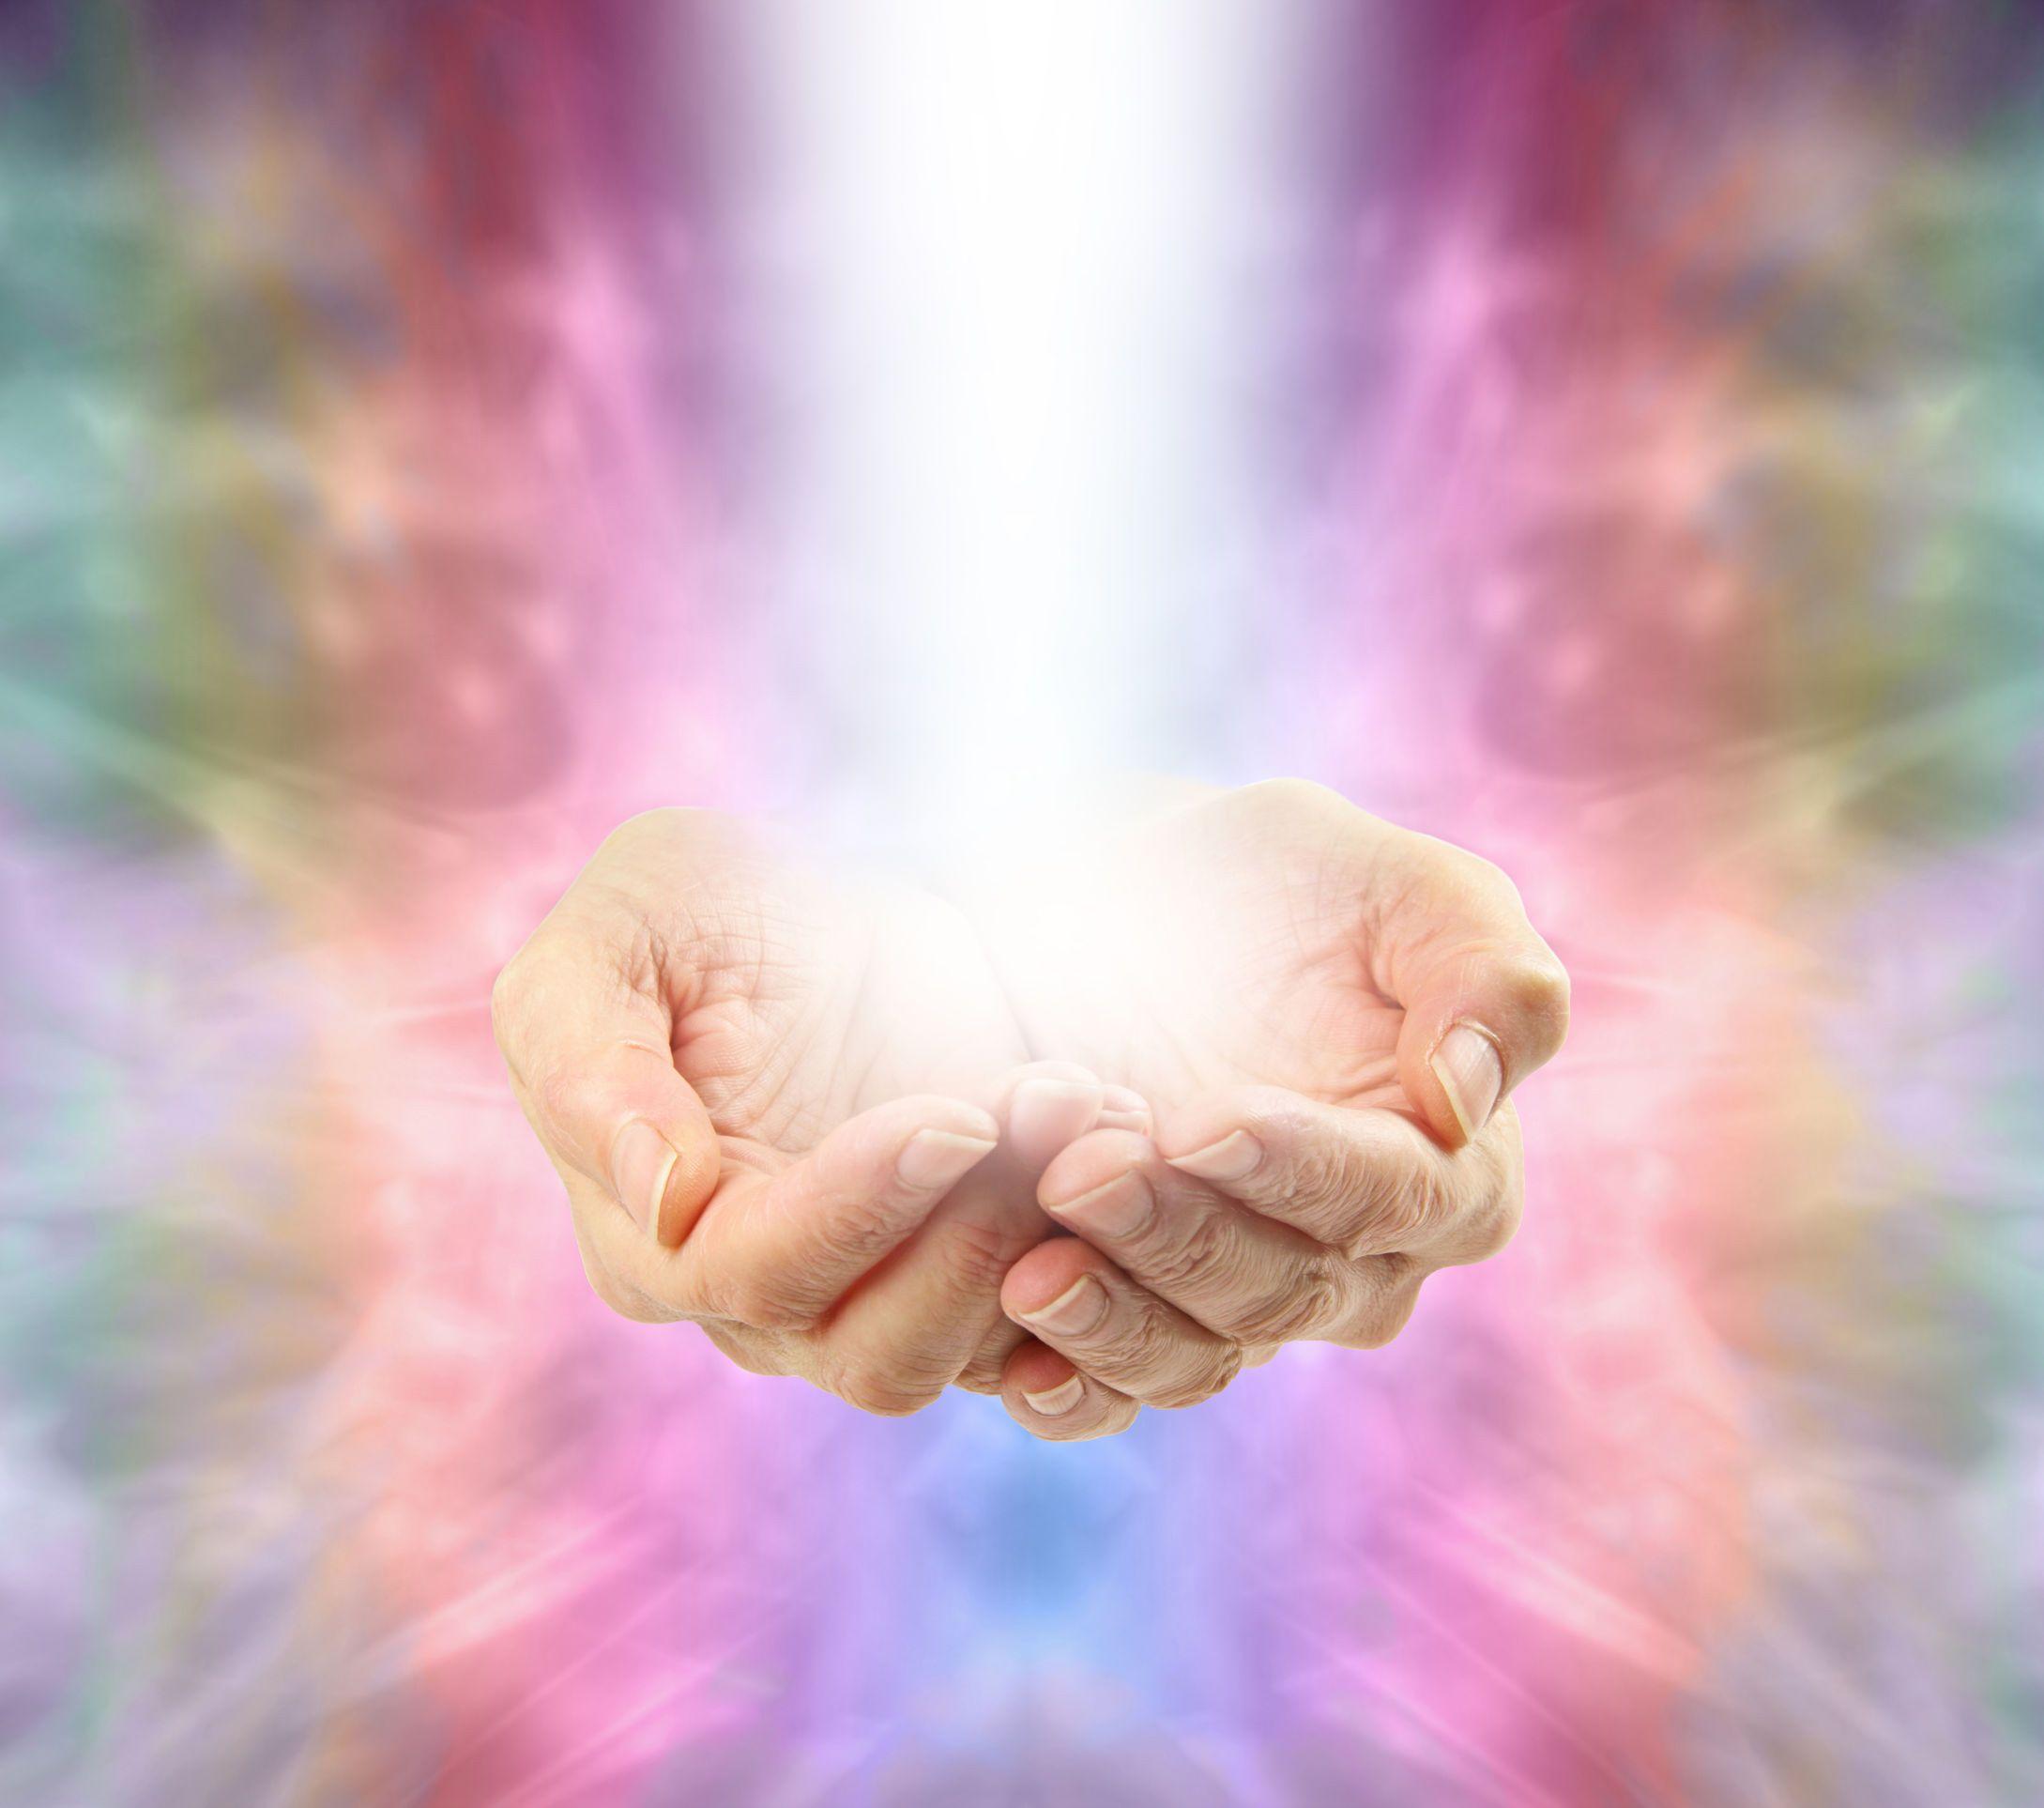 Resultado de imagem para hand light spiritual